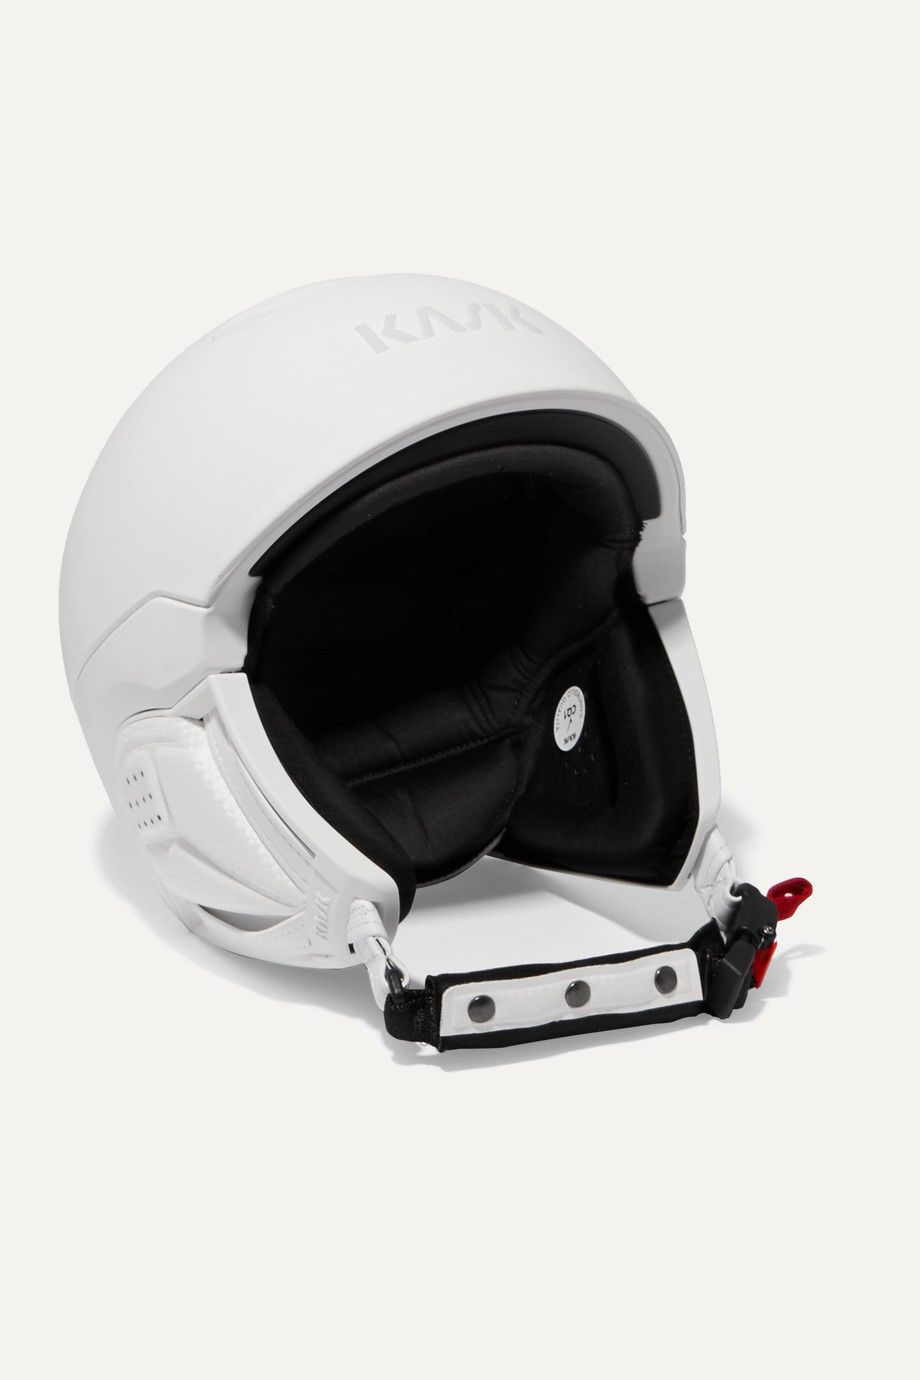 KASK Shadow ski helmet